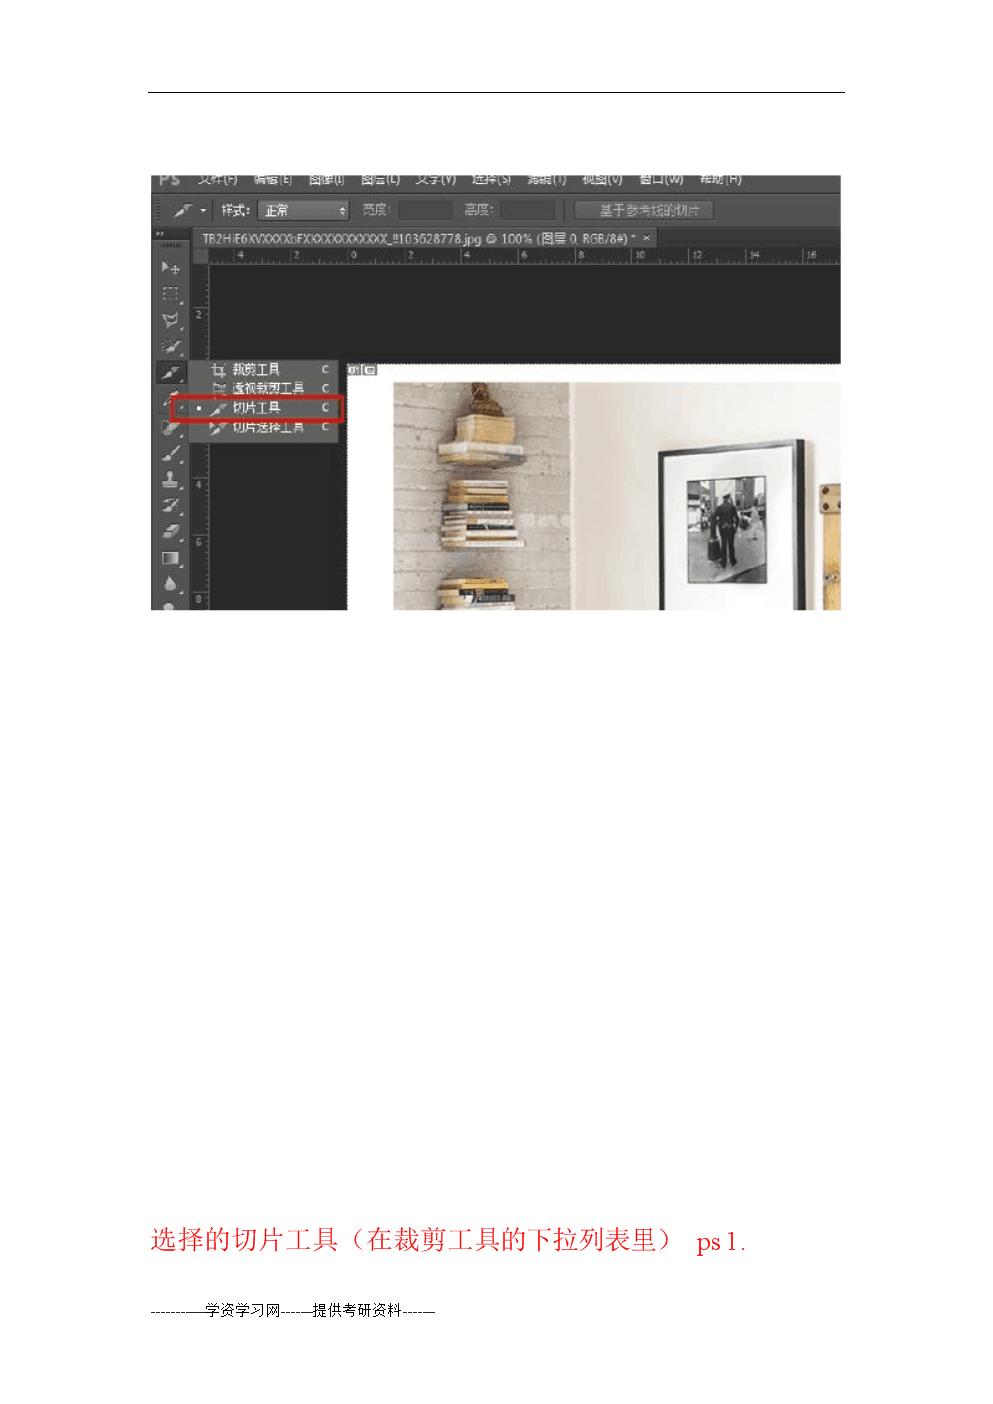 详情页切图及上传流程-仔细阅读后再买.doc